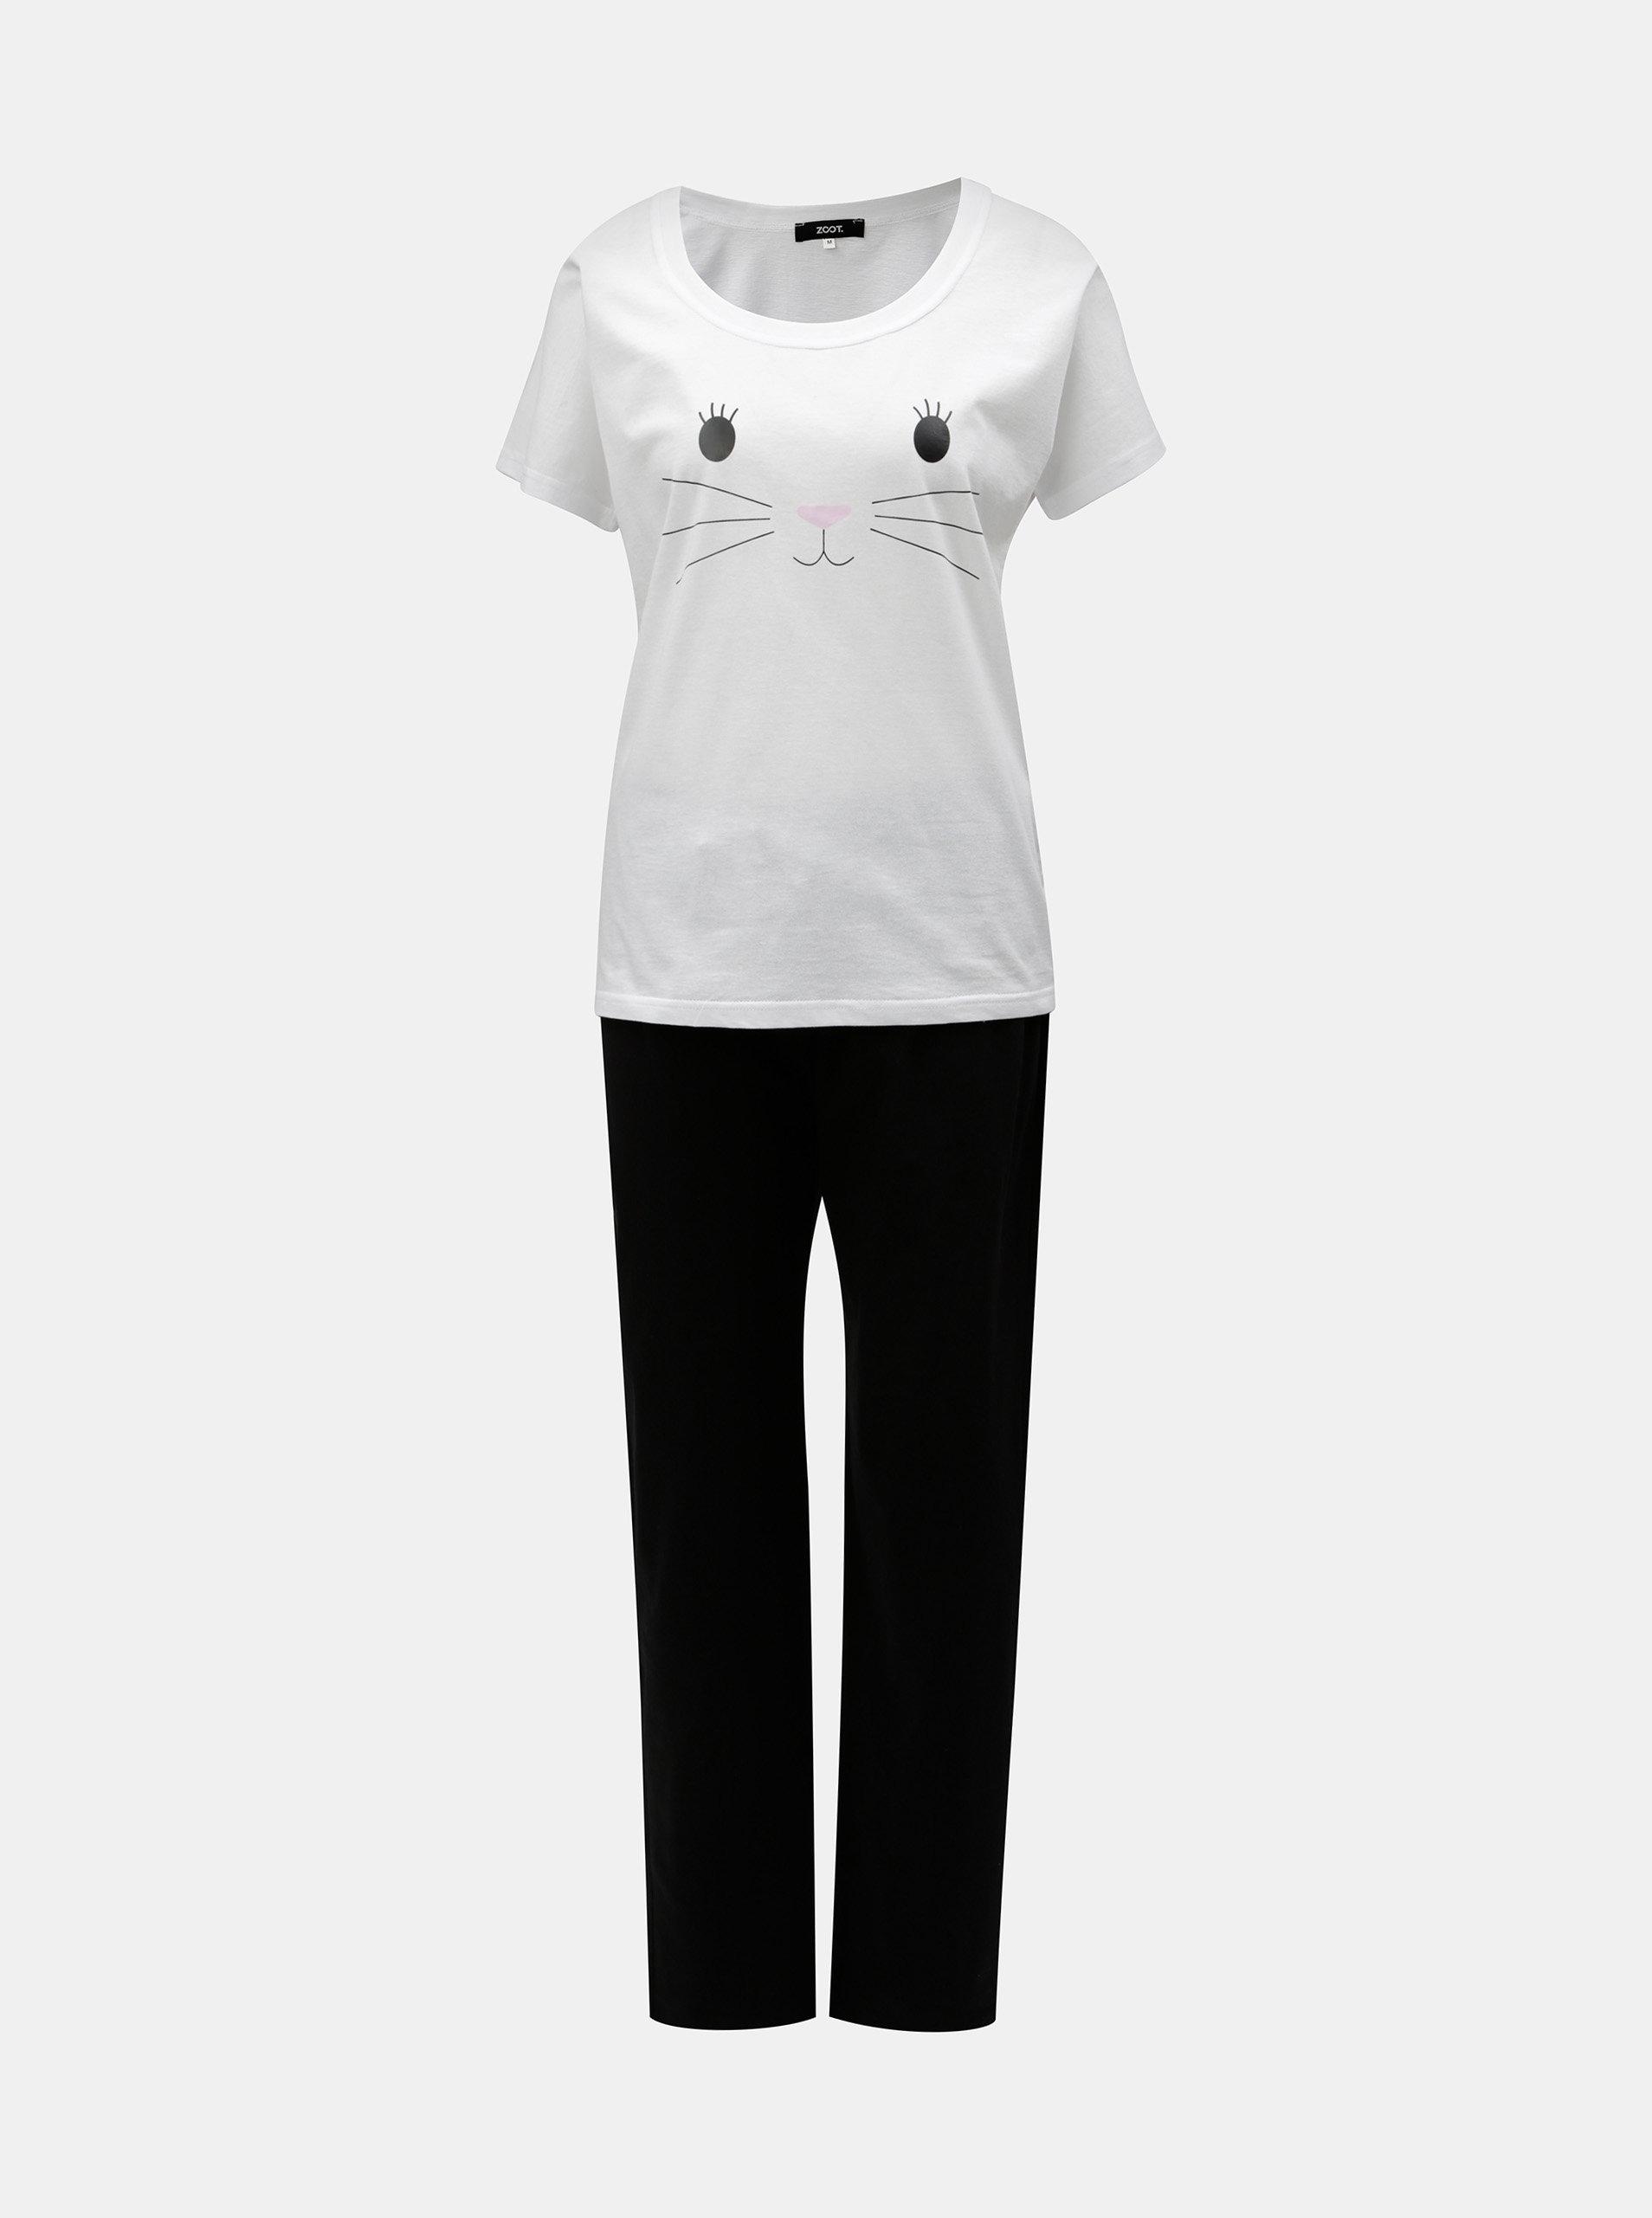 Čierno–biele dámske pyžamo s motívom mačky ZOOT ... 0c5da43c422